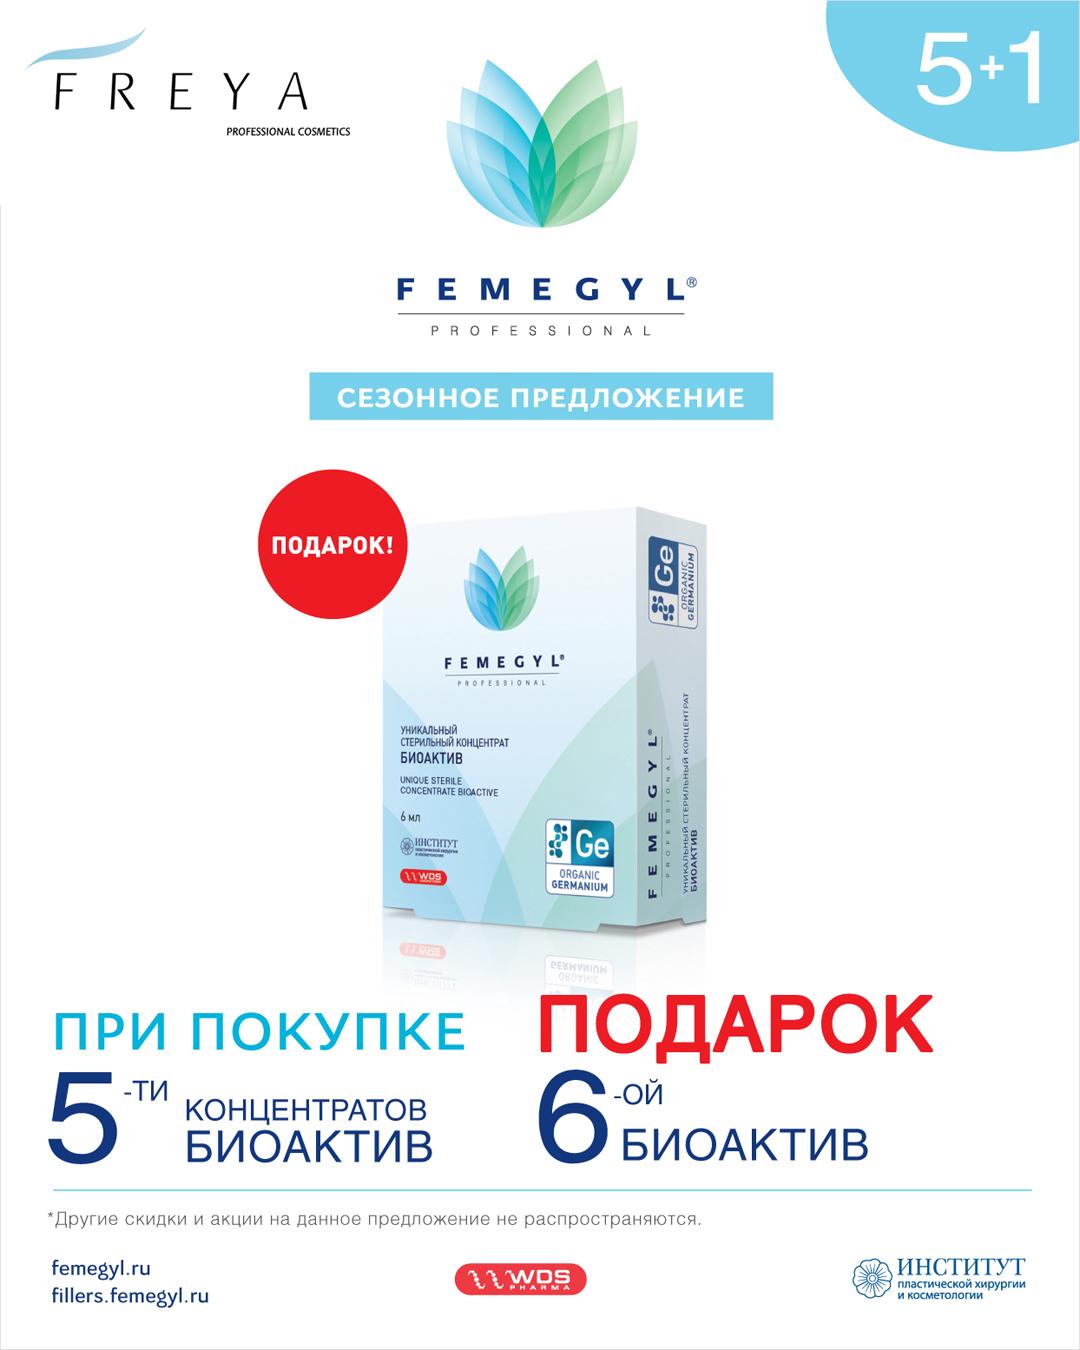 Биоактив Femegyl - спецпредложение 5+1 до середины мая